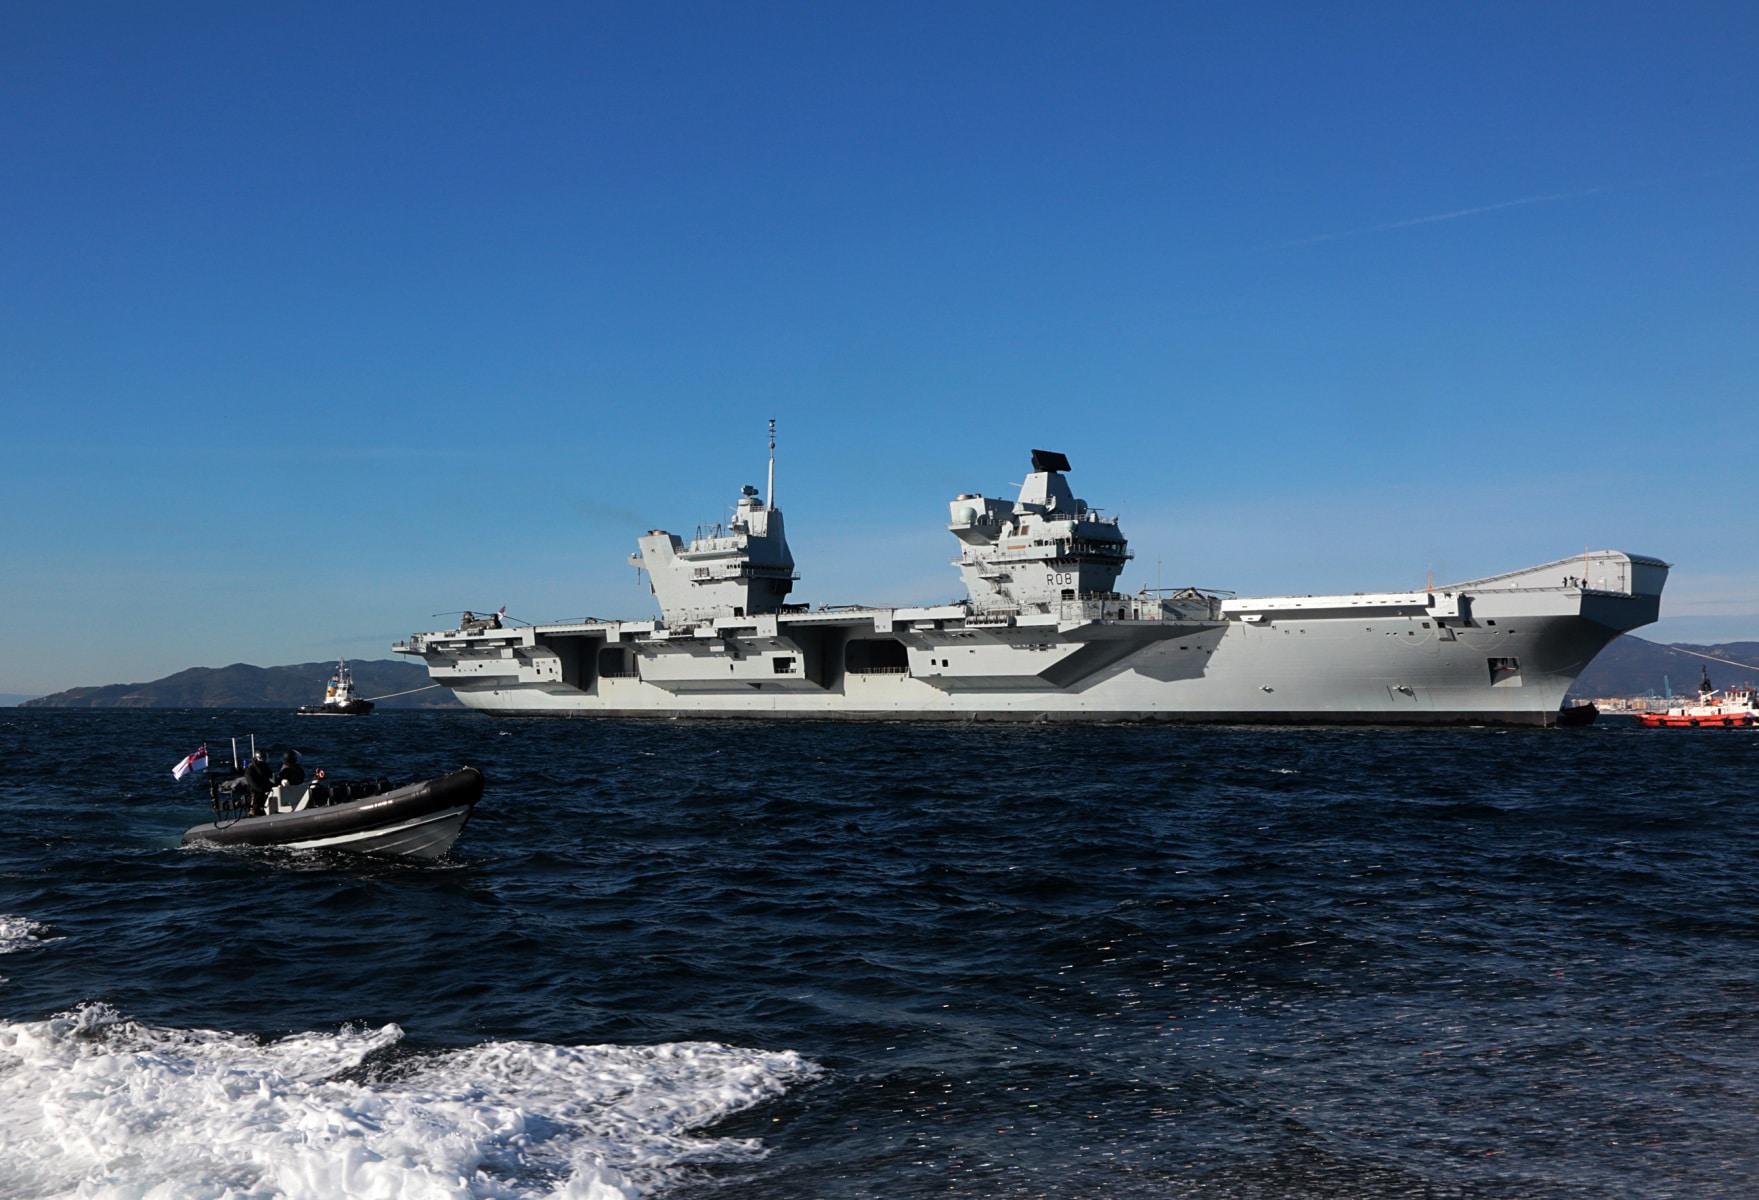 portaaviones-hms-queen-elizabeth-llegando-a-gibraltar-imagen-tomada-desde-uno-de-los-buques-de-apoyo-via-royal-navy-28_28386232519_o